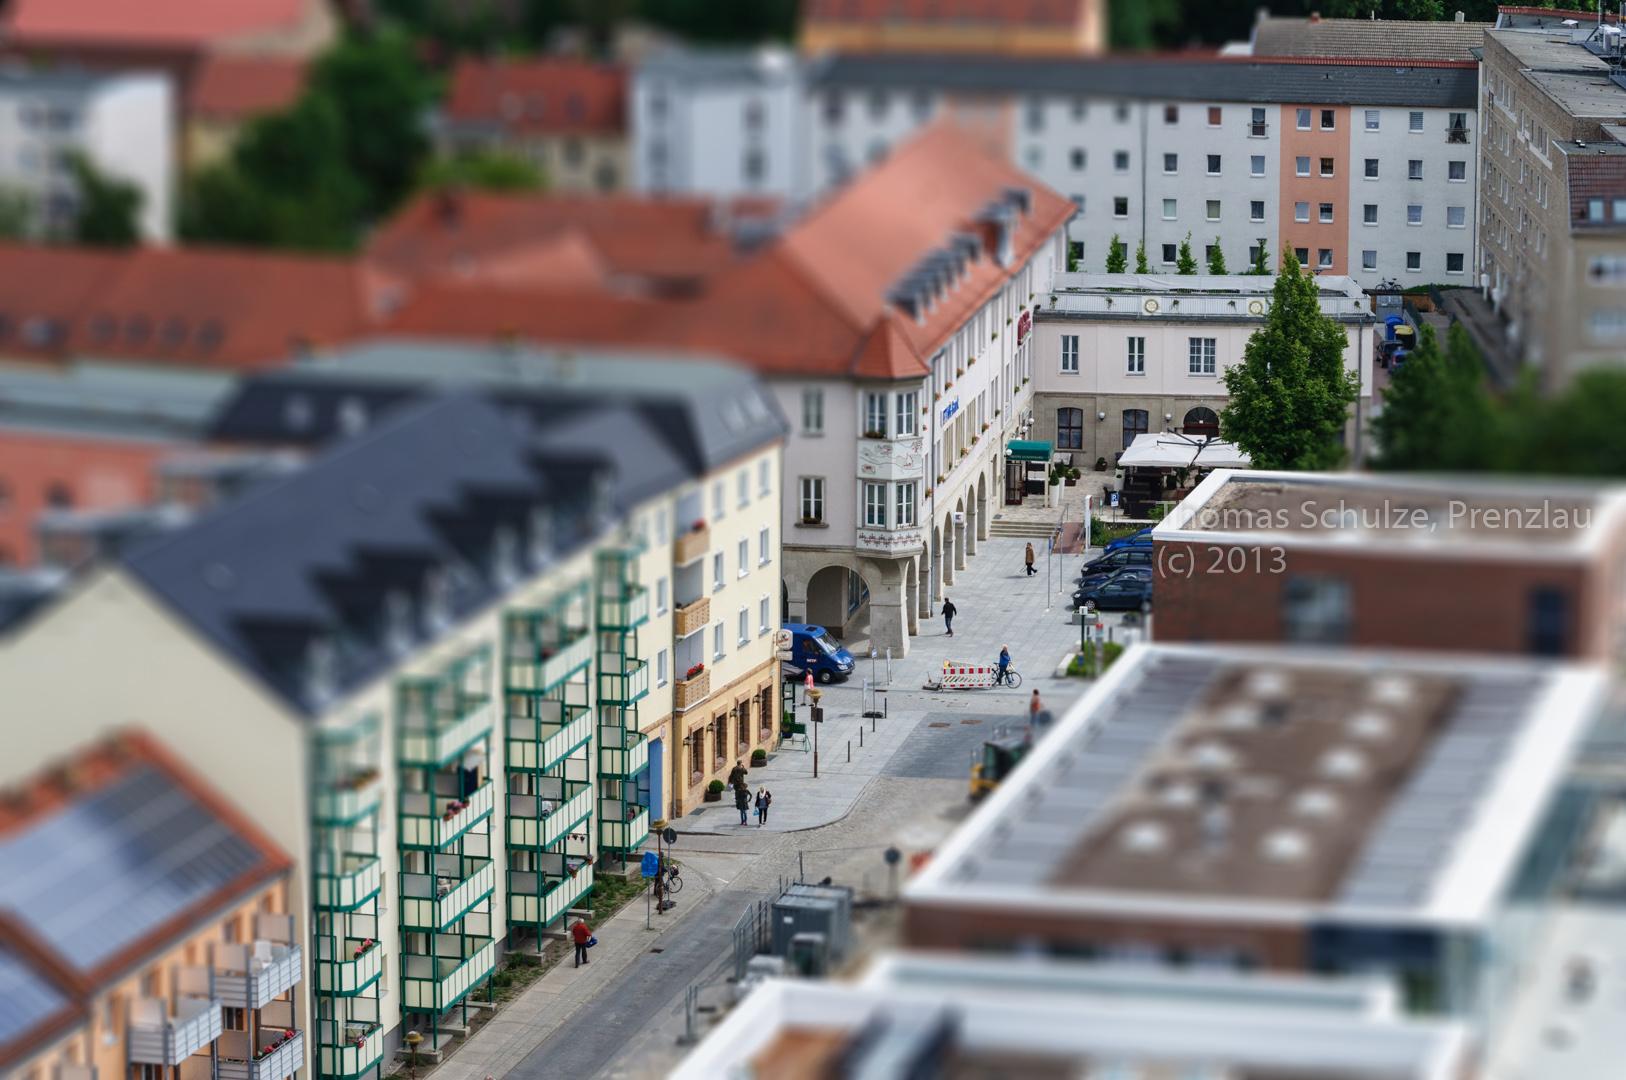 Spielzeugstadt Prenzlau